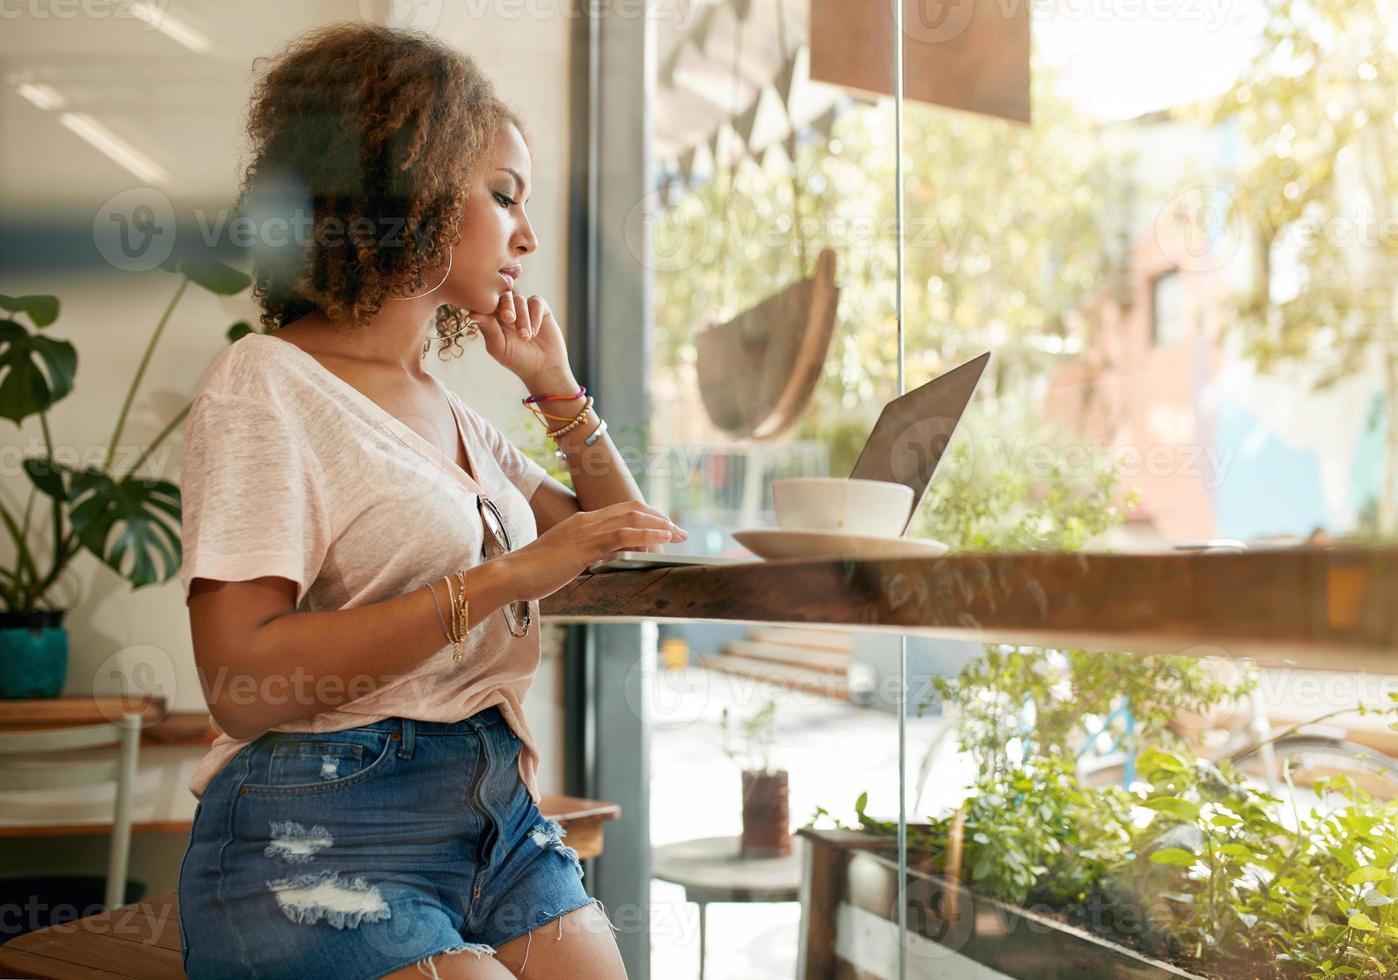 junge Frau mit ihrem Laptop in einem Café foto